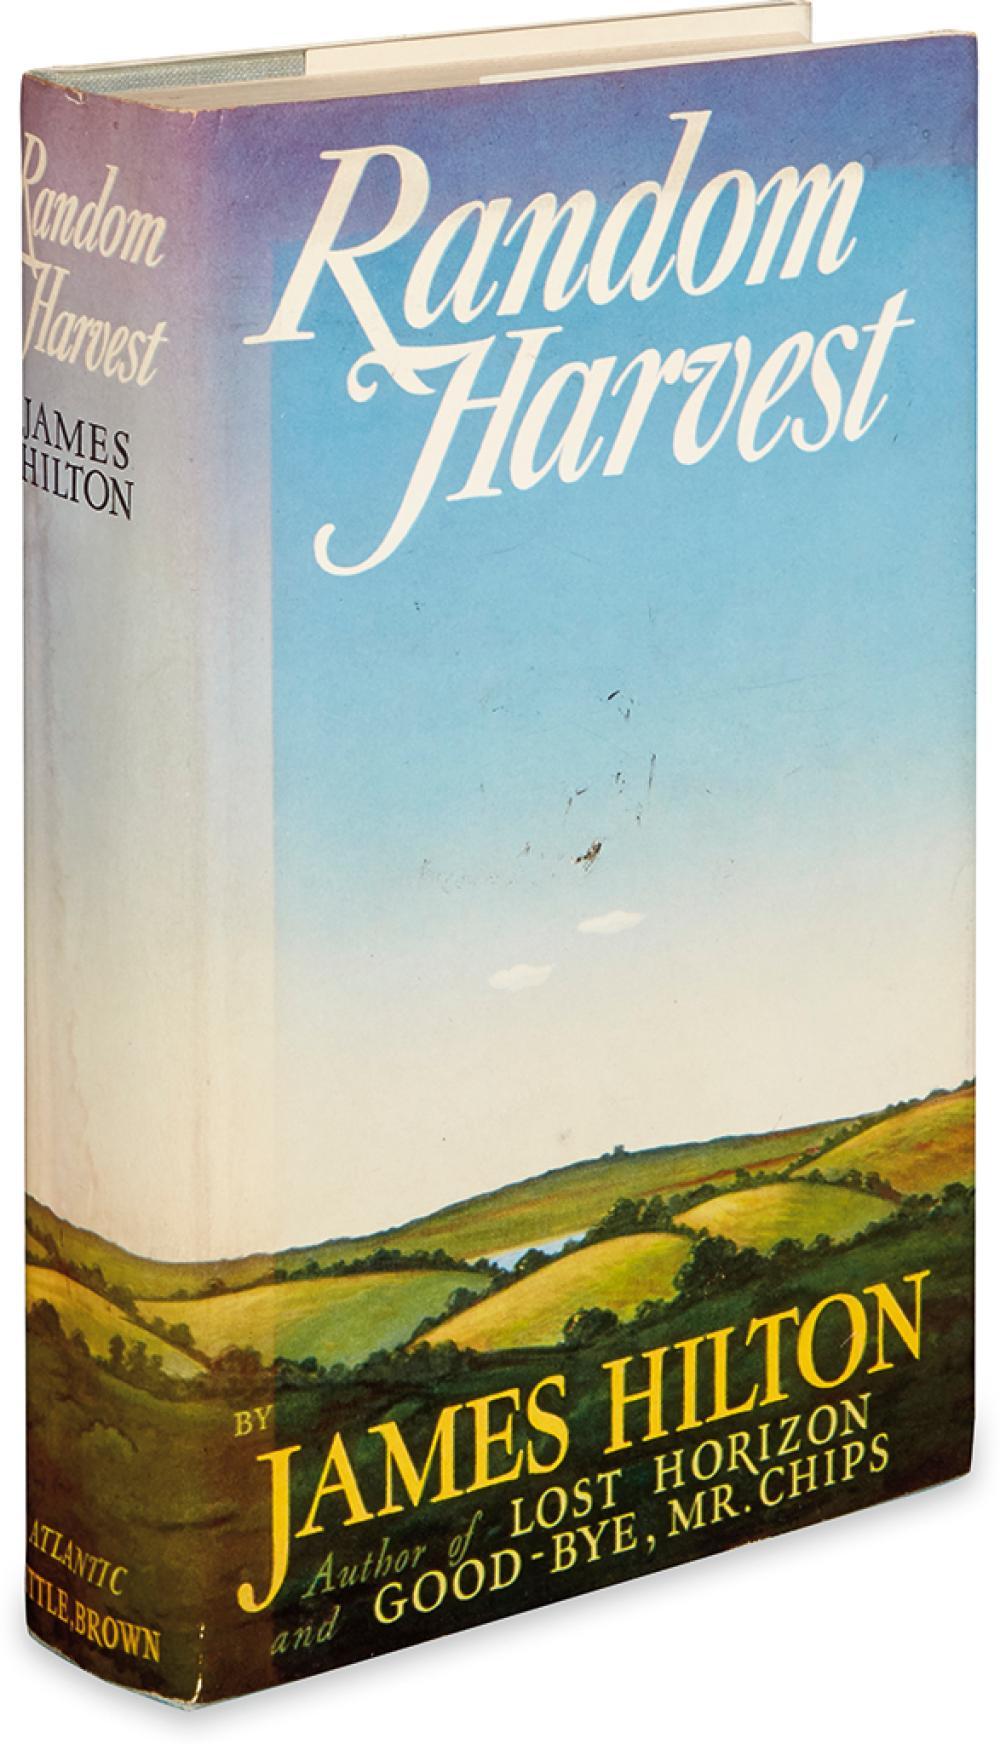 HILTON, JAMES. Random Harvest.